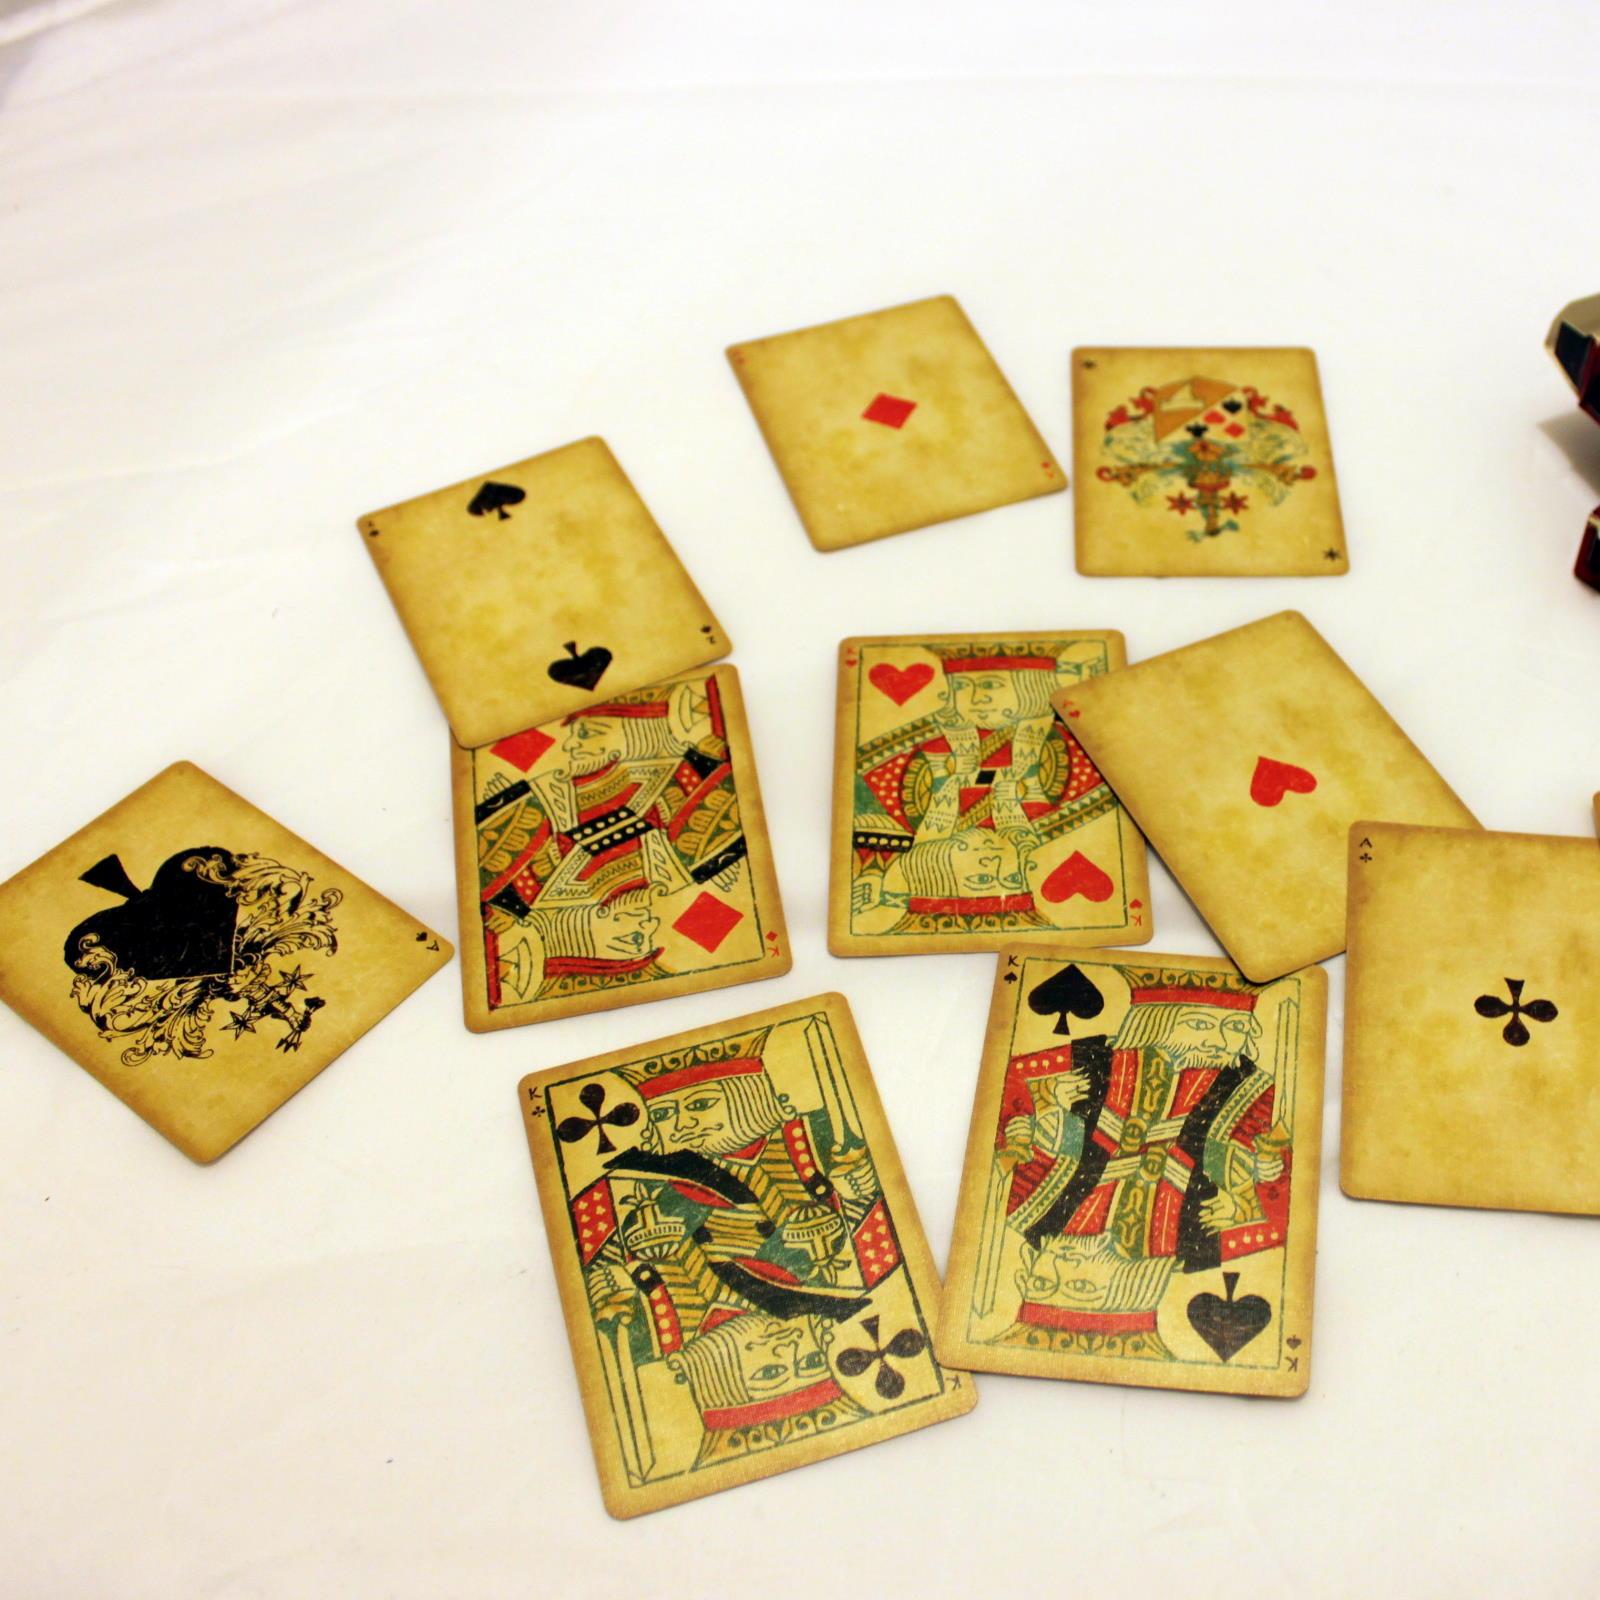 Card-Shark - Heirloom Deck by Card-Shark